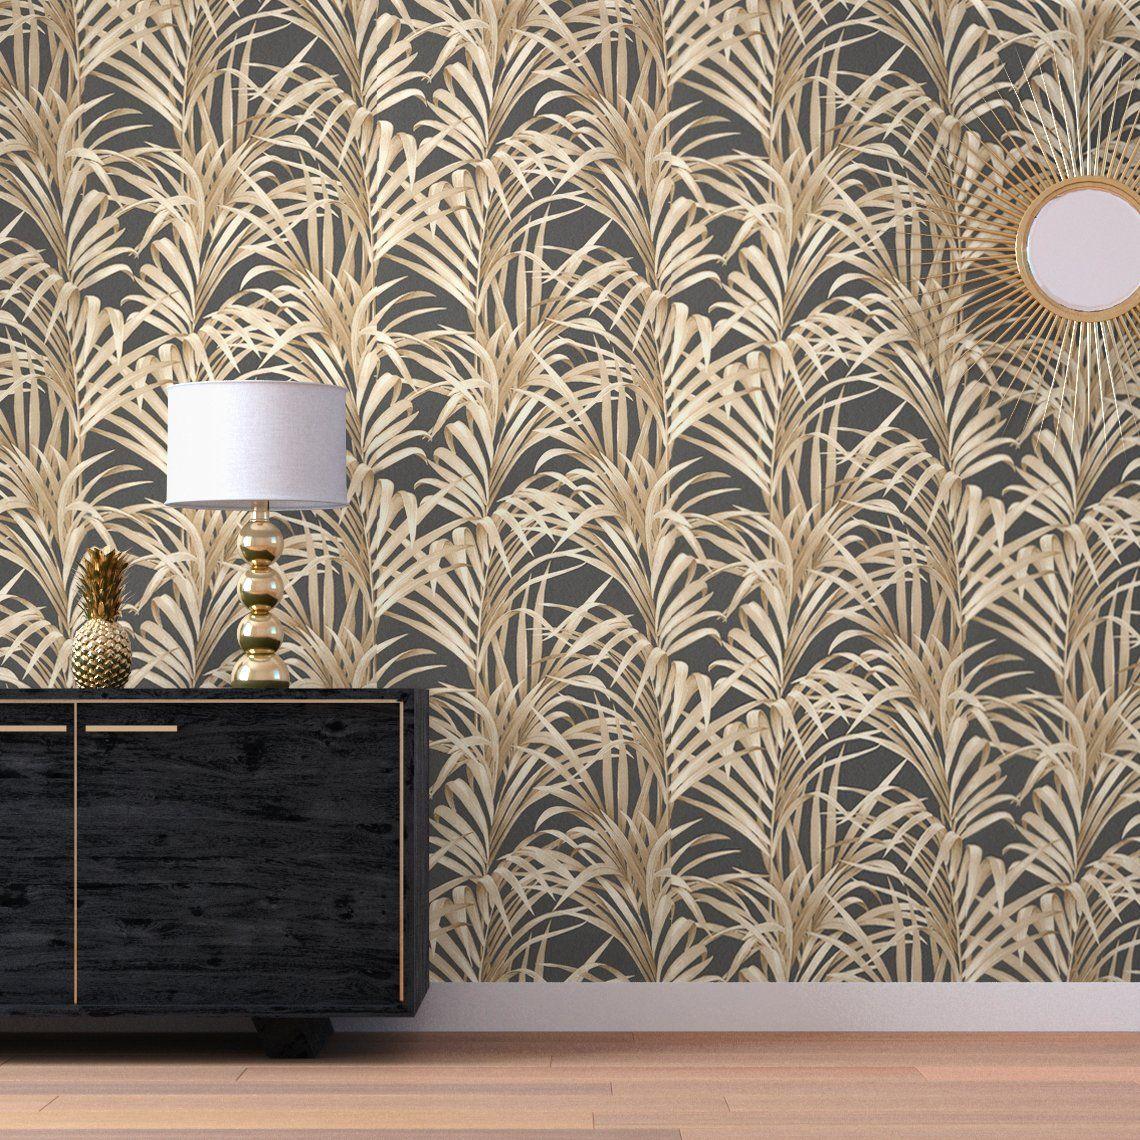 Papier Peint Style Atelier papier peint fanchon 100% intissé motif tropical doré, gris